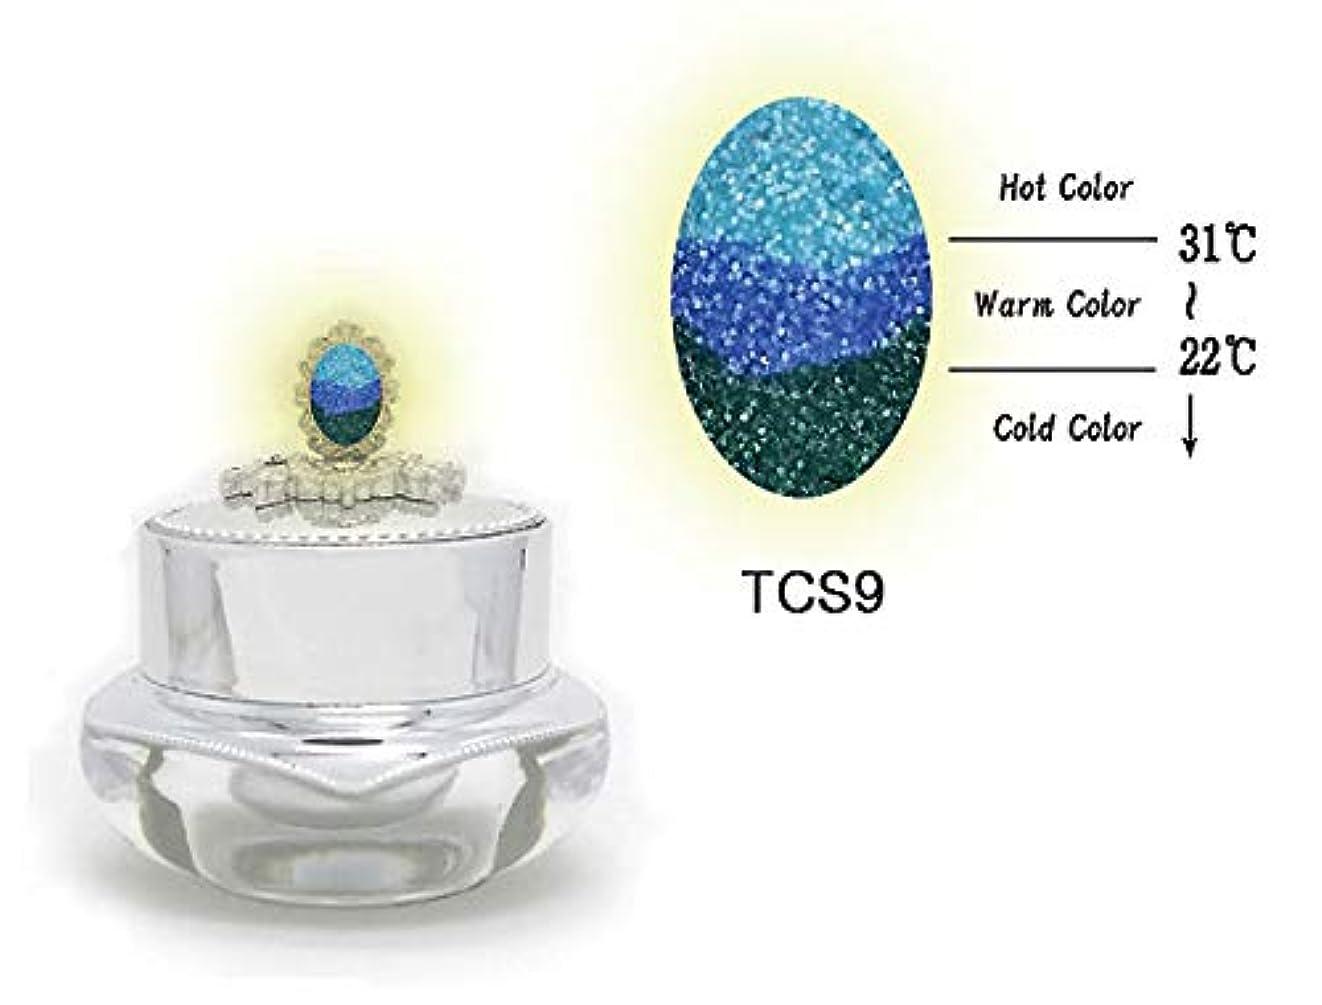 教えるストロー工夫するKENZICO (ケンジコ) Triple Sugar Gel一般用3g 【TCS9】 3つの色に変わる夜光ジェル トリプルシュガージェル